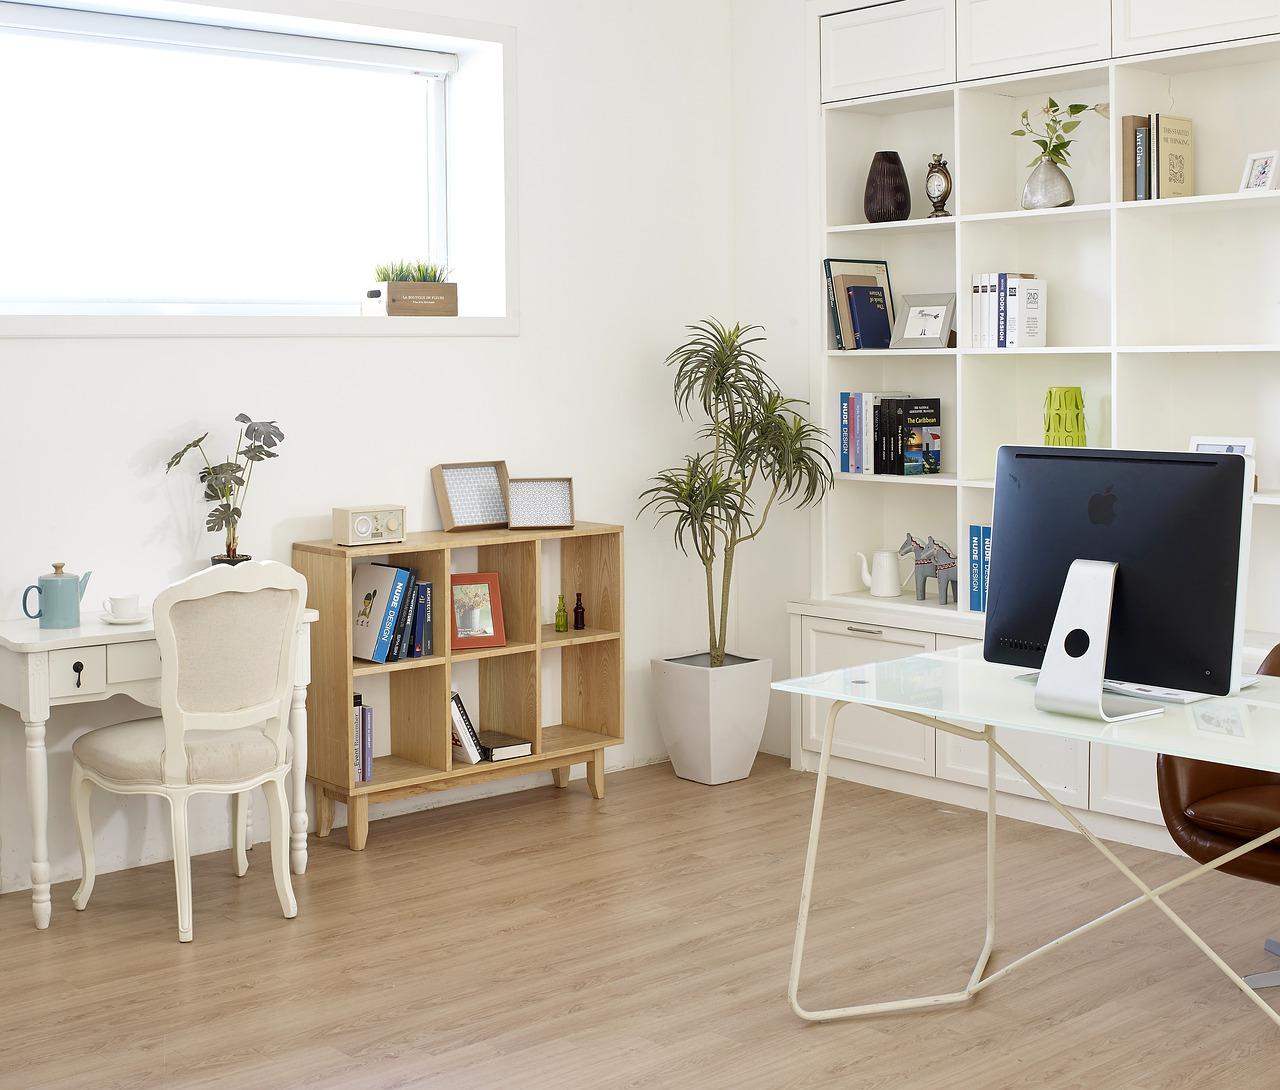 wohnraumgestaltung, wohnraumgestaltung archives - lebensart ambiente, Design ideen